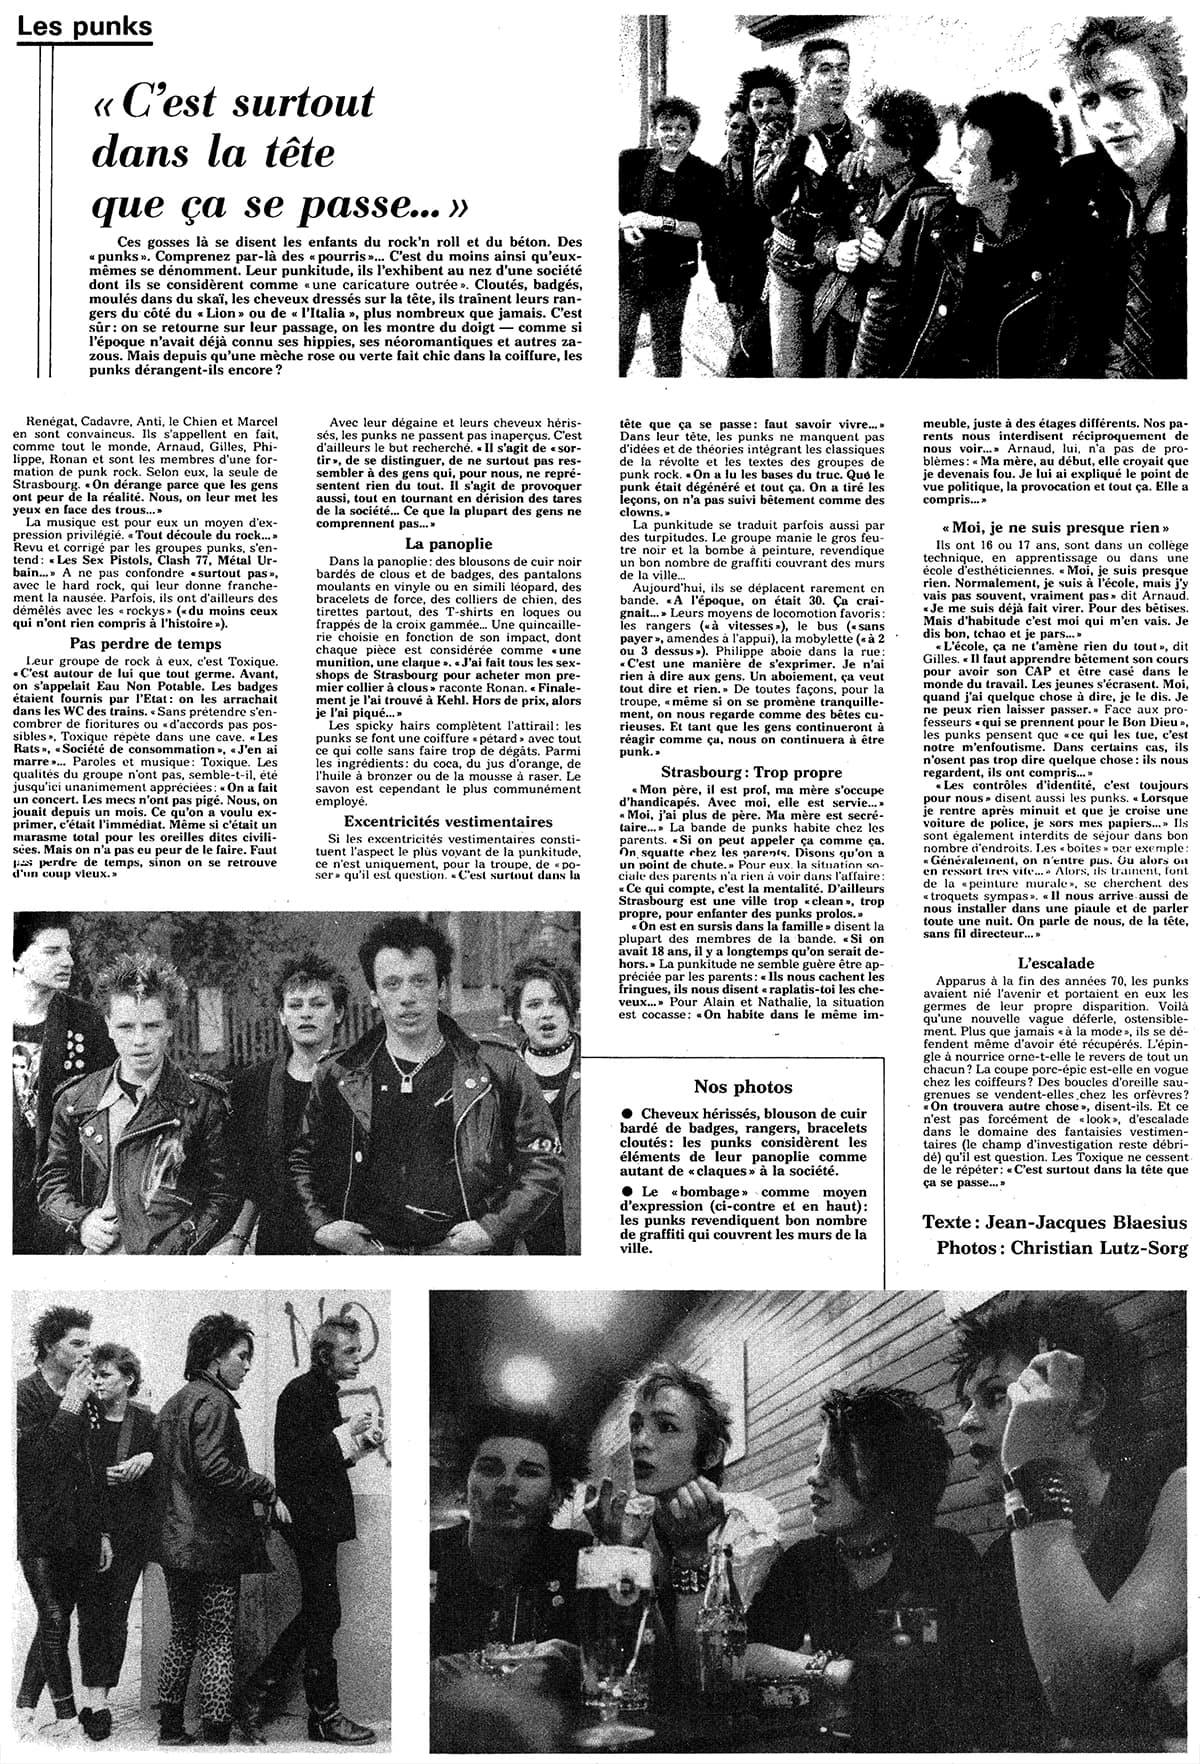 Article paru dans les Dernières Nouvelles d'Alsace le 30 juin 1982